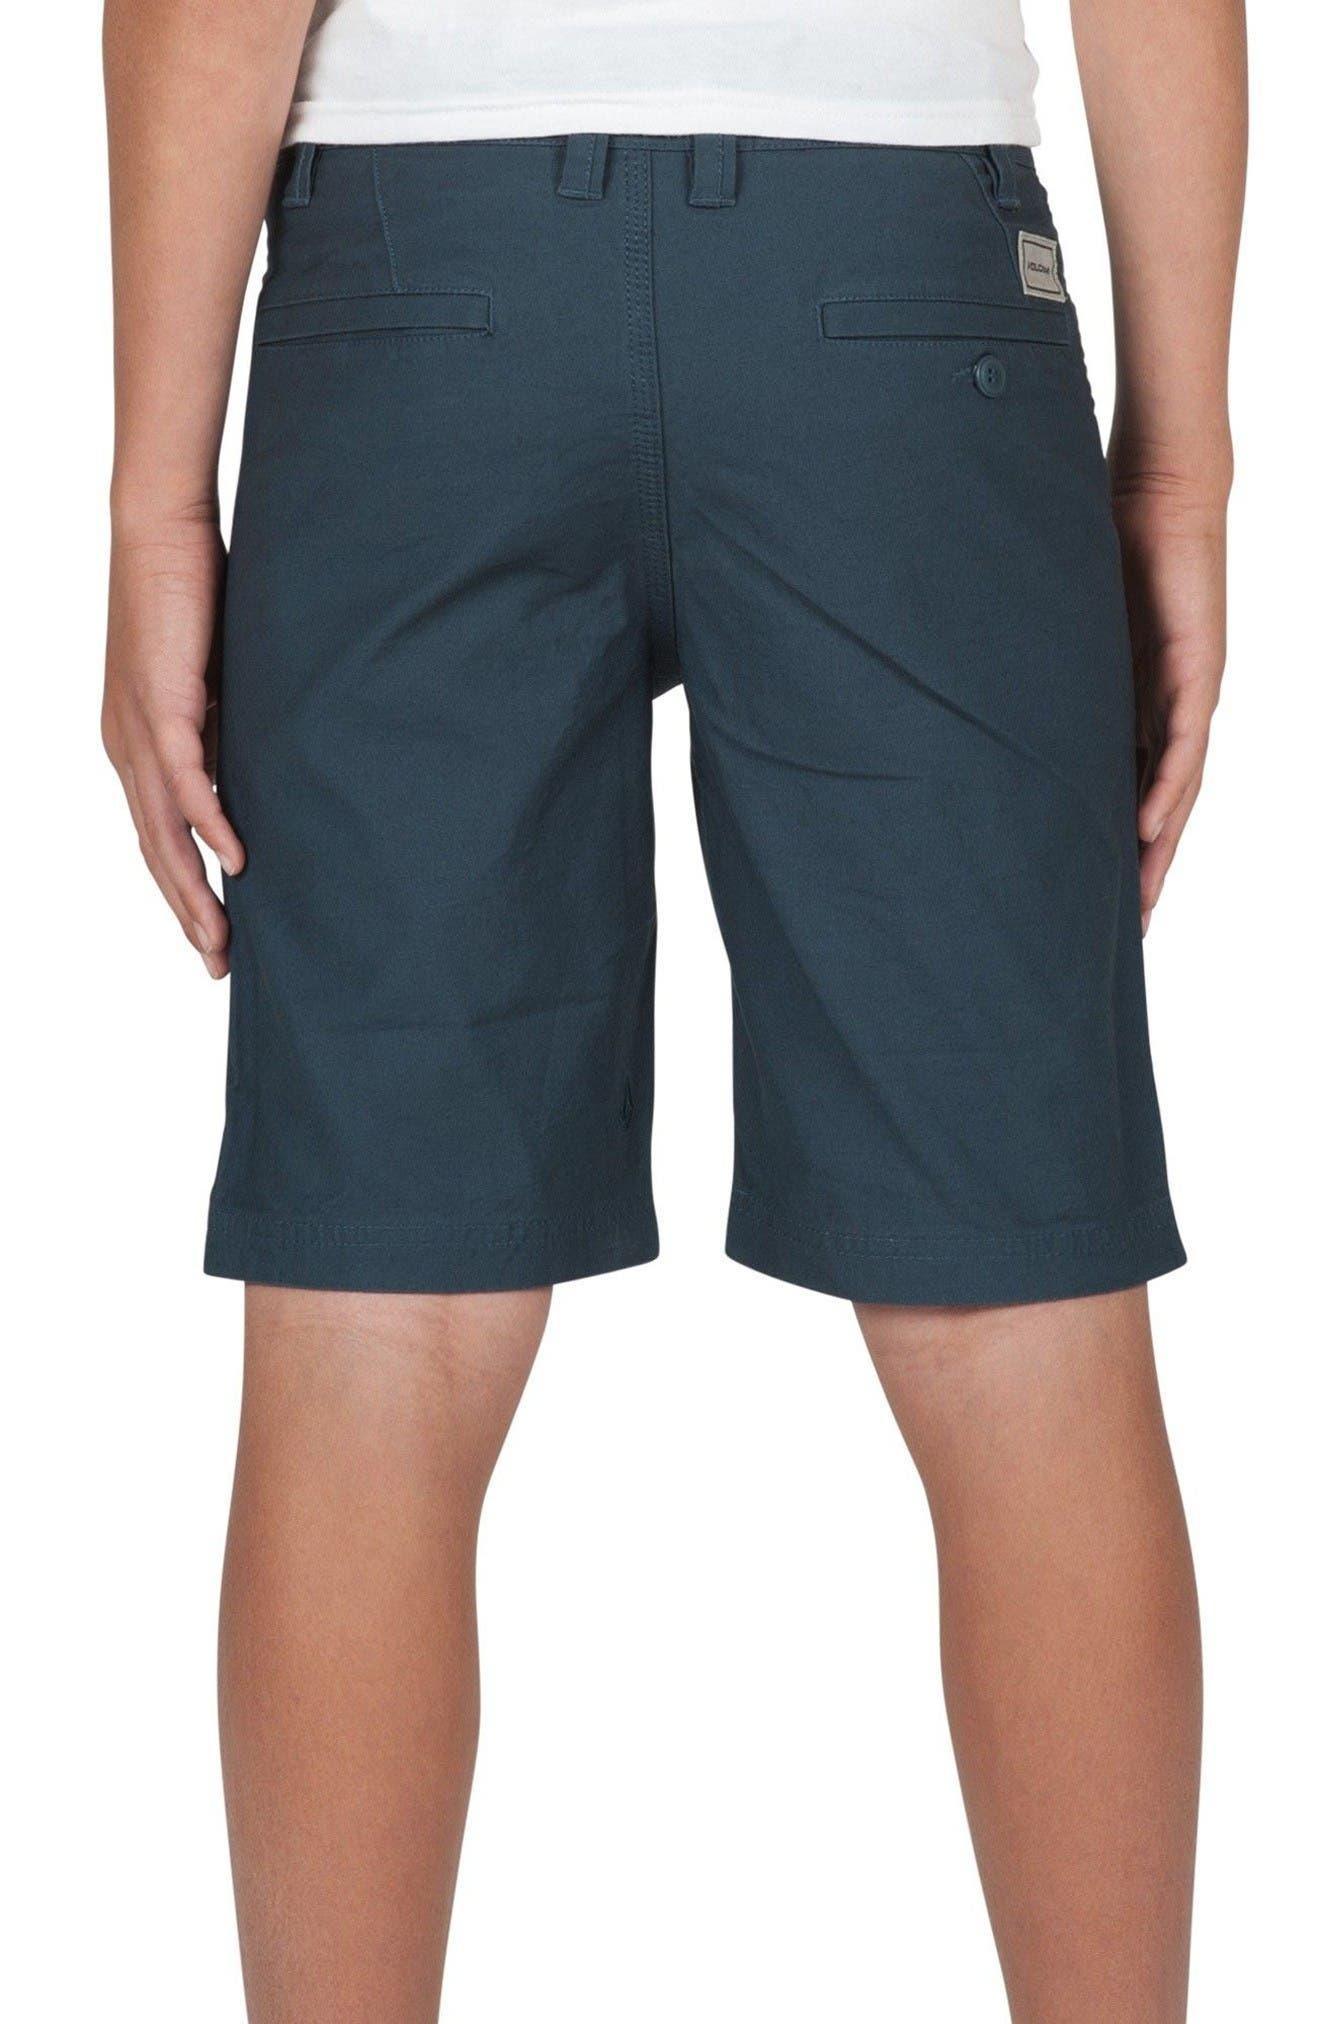 Alternate Image 2  - Volcom VSM Gritter Chino Shorts (Big Boys)